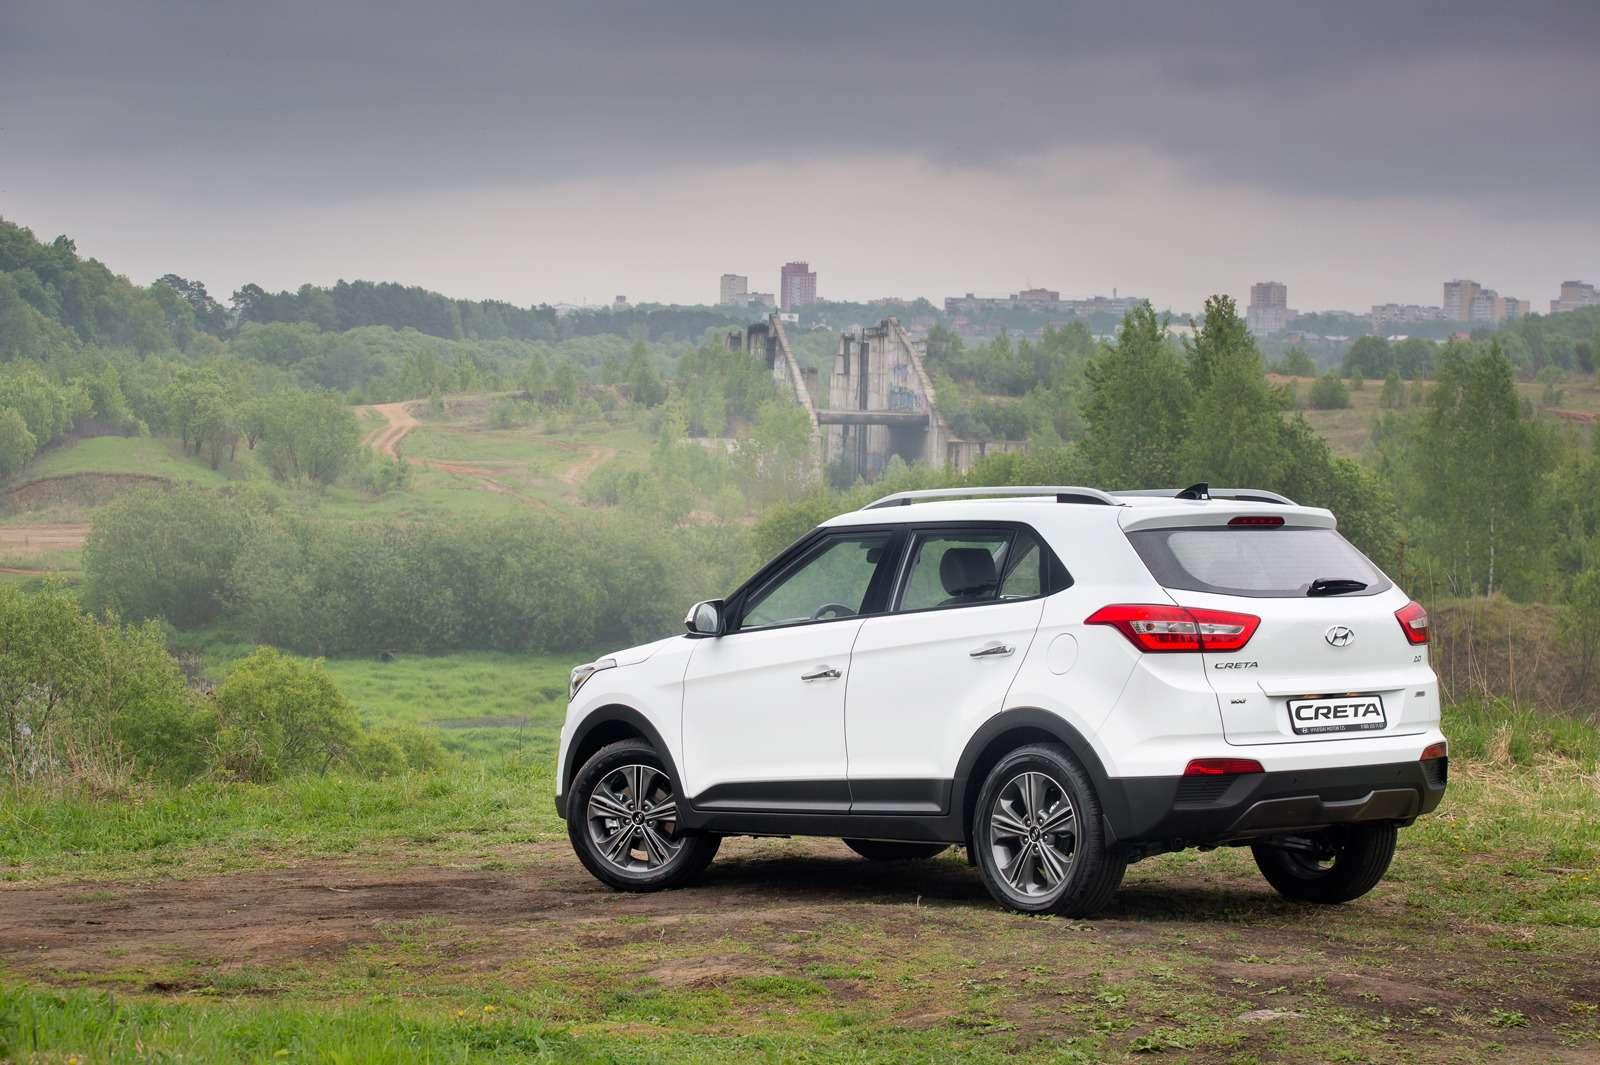 Hyundai рассекретила новый кроссовер Creta питерской сборки— фото 594246